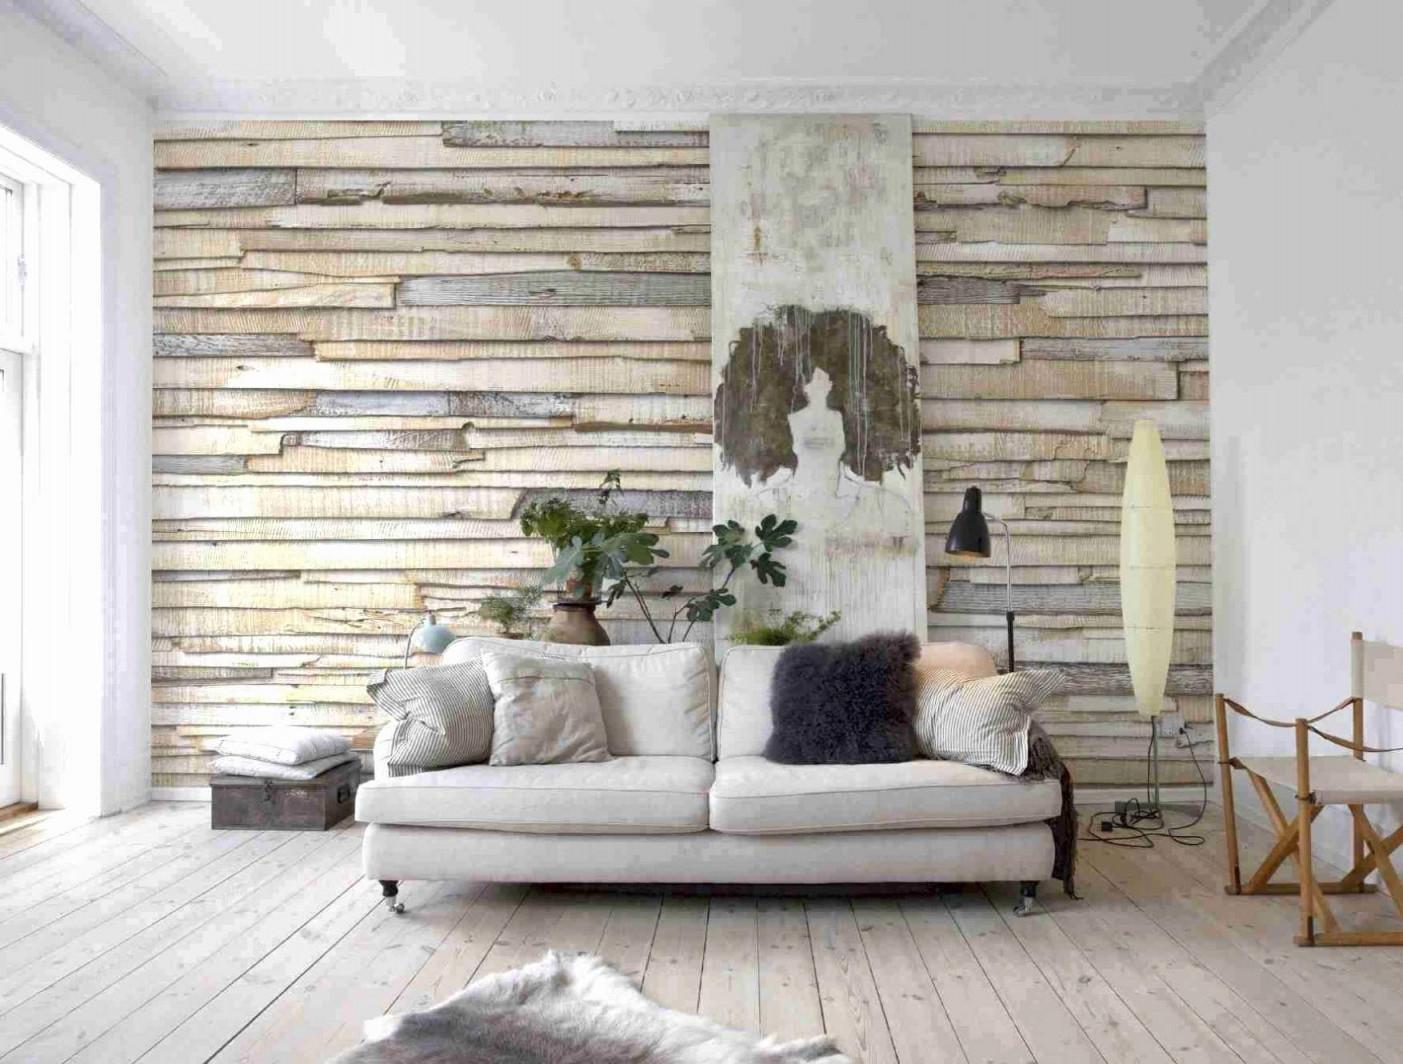 39 Elegant Ausgefallene Tapeten Wohnzimmer Das Beste Von von Tapeten Trends Wohnzimmer Photo